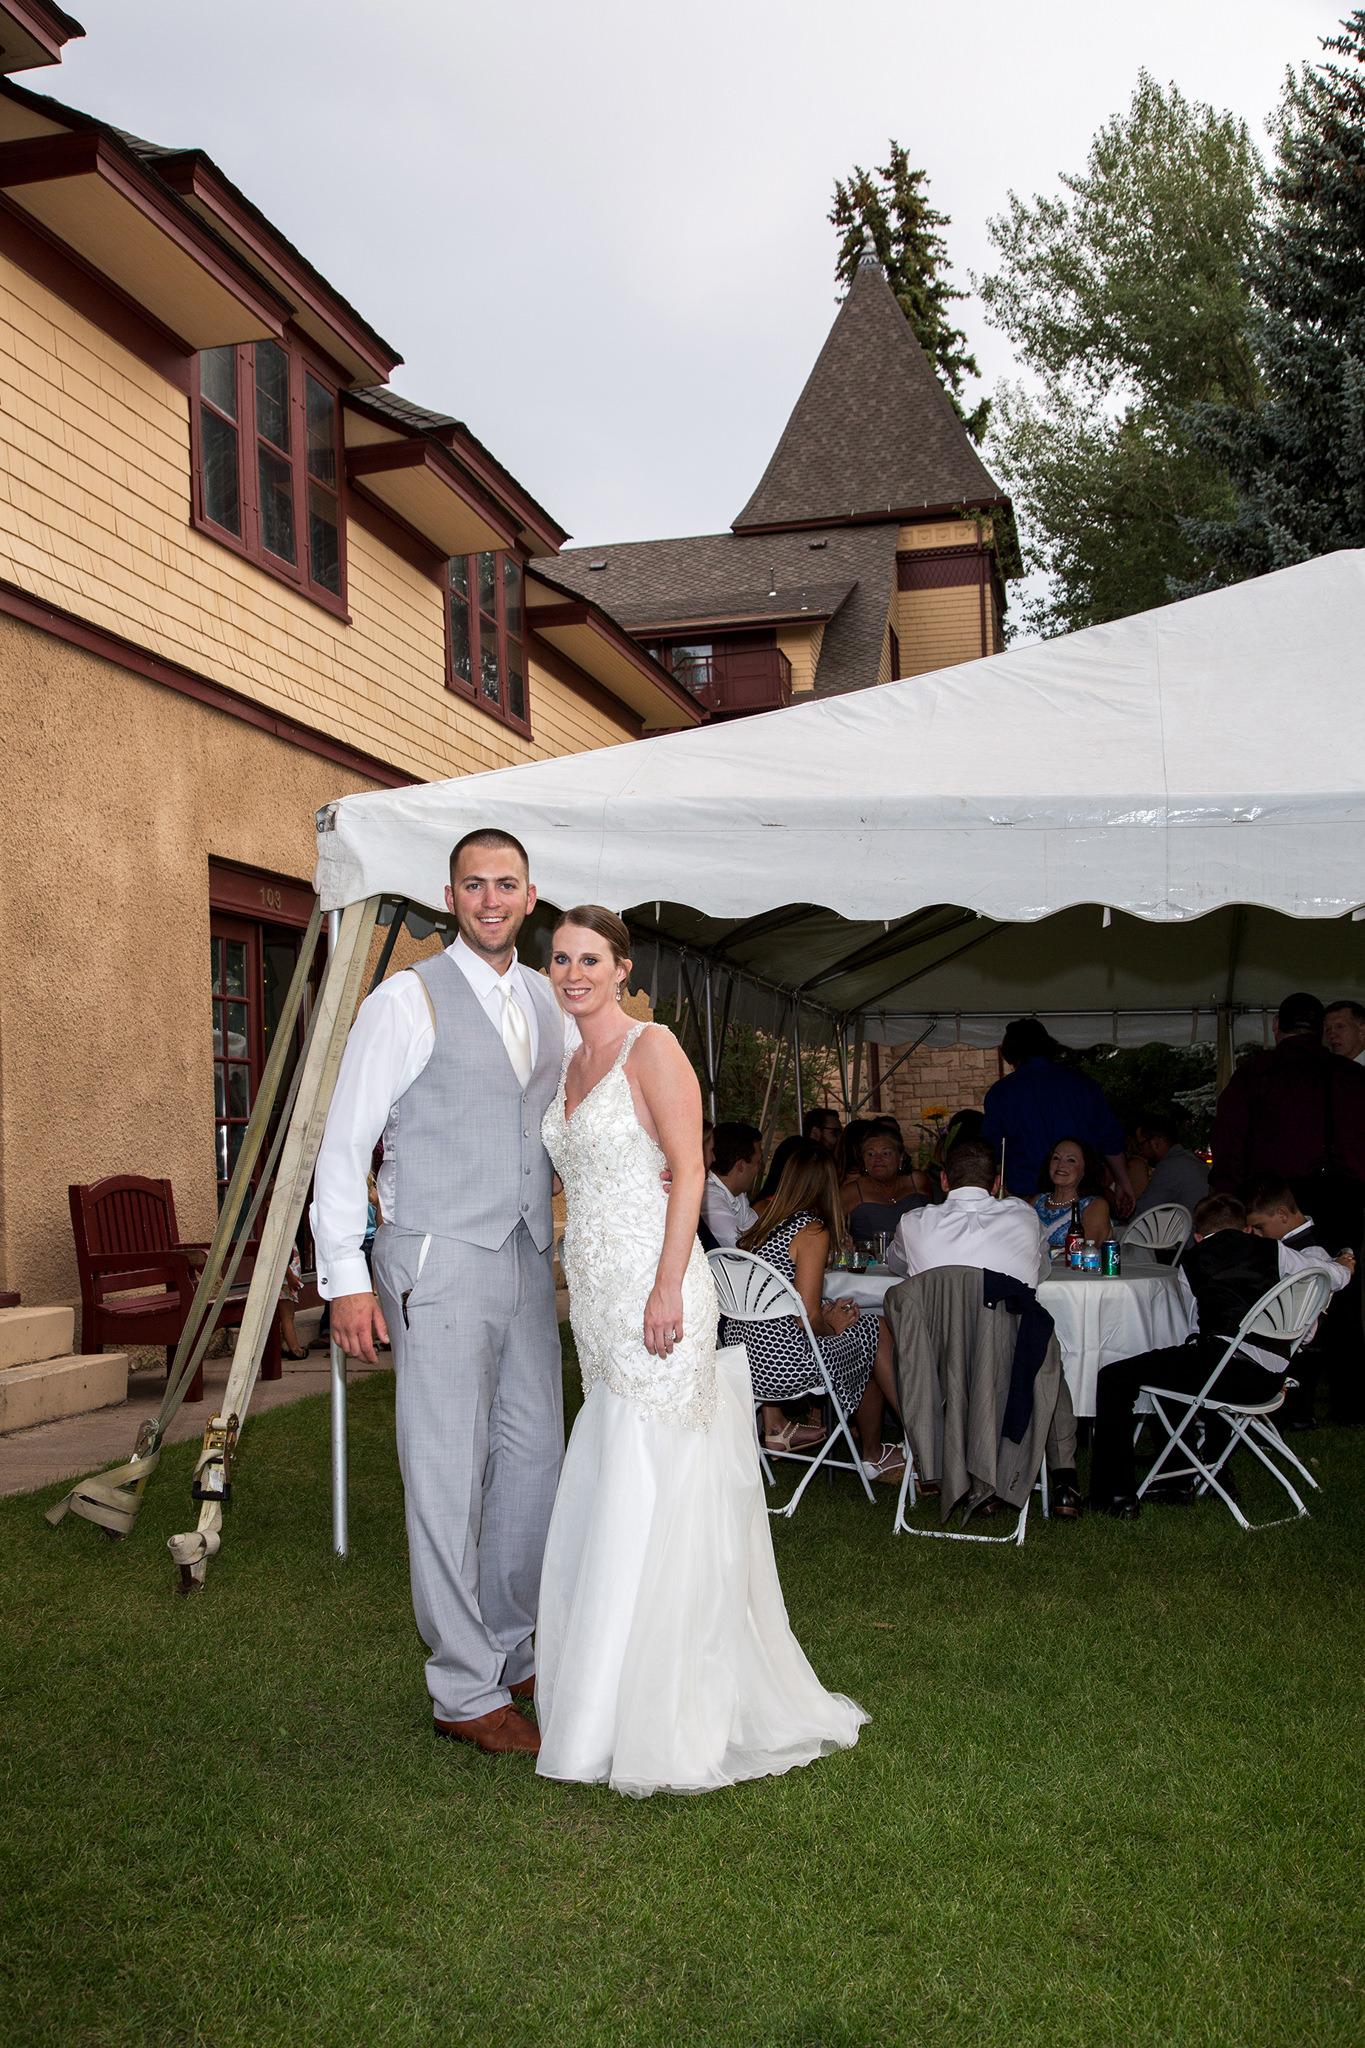 marchese_wedding_608 copy